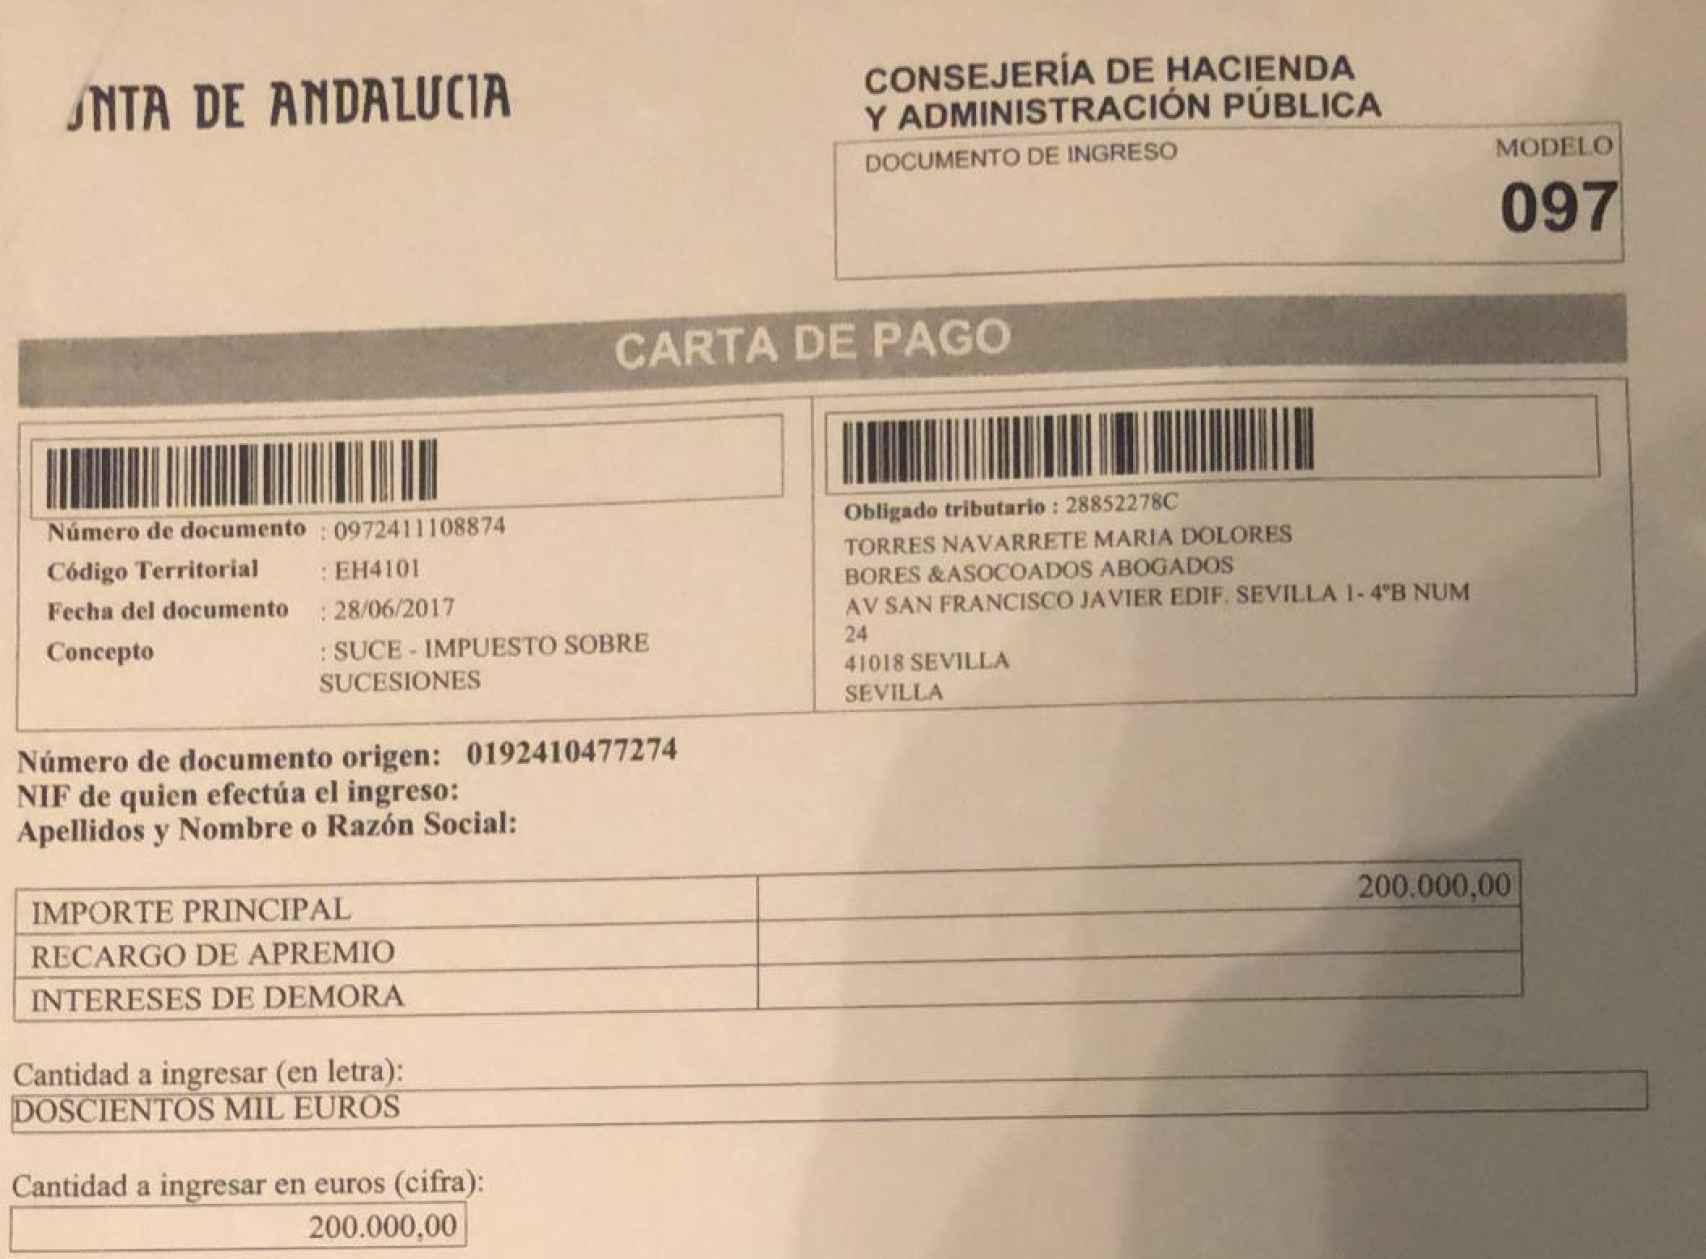 Documento de pago del impuesto de sucesiones a la Junta de Andalucía.